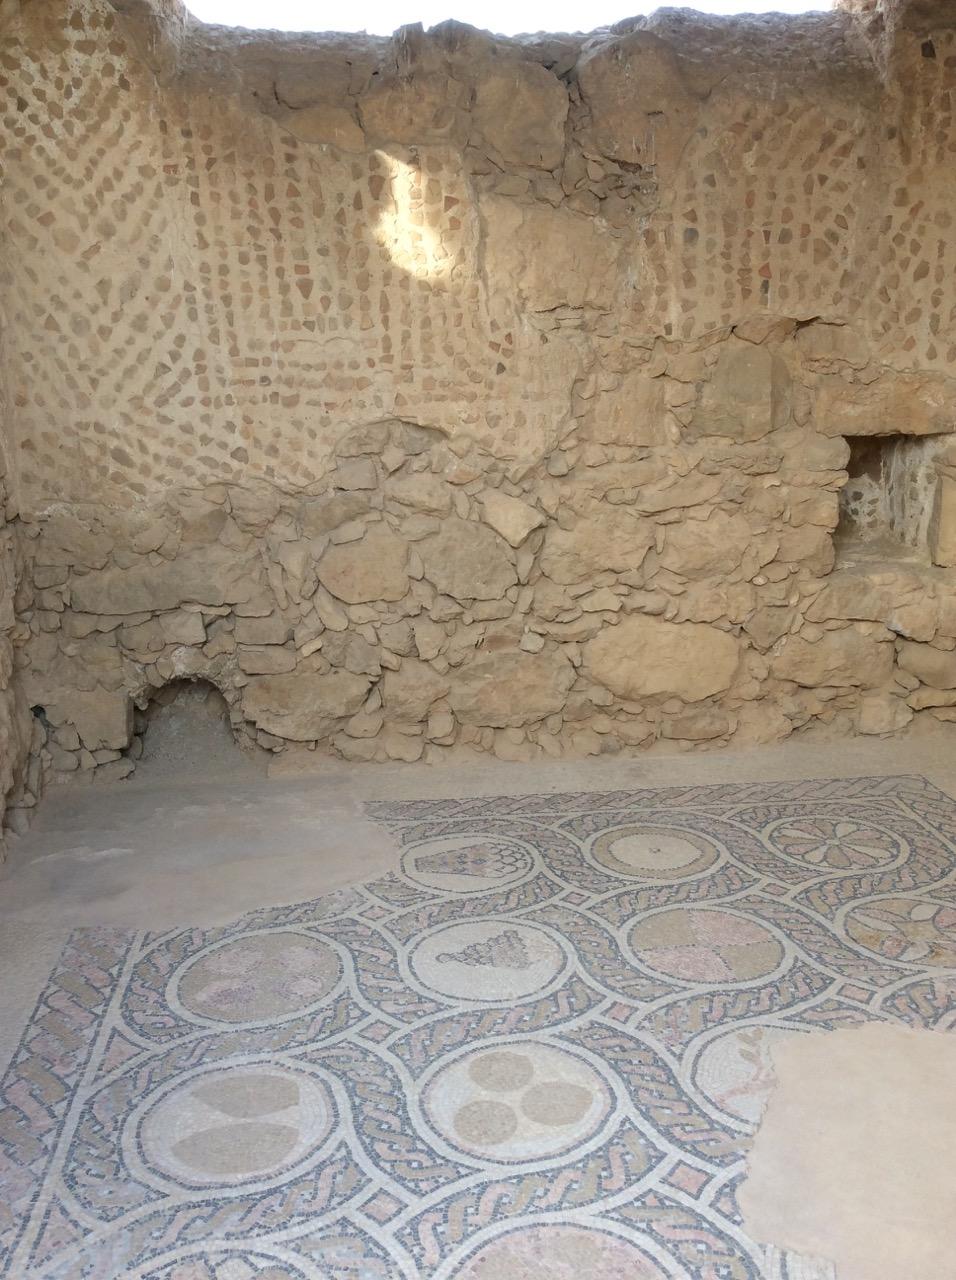 Mosaics, palace interior, Masada.